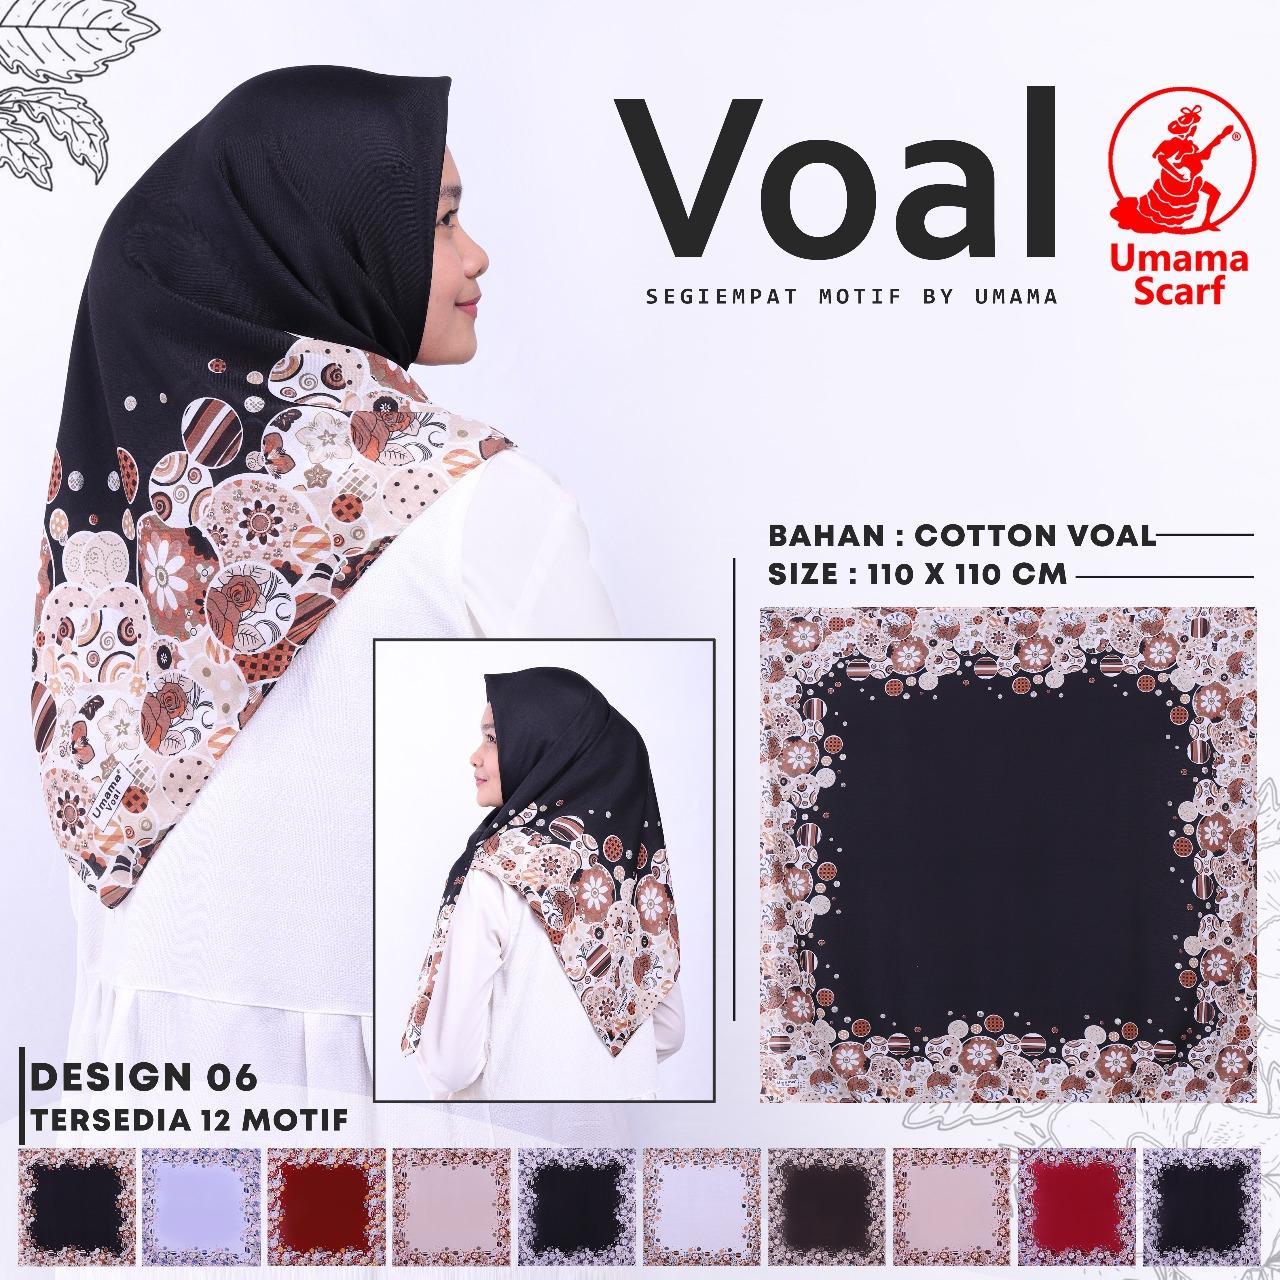 ... Sutra Muslim Populer Syal/Syal 160 Cm. Source · Promo!!! hijab segi empat voal motif bahan cotton voal terbaru, termurah,